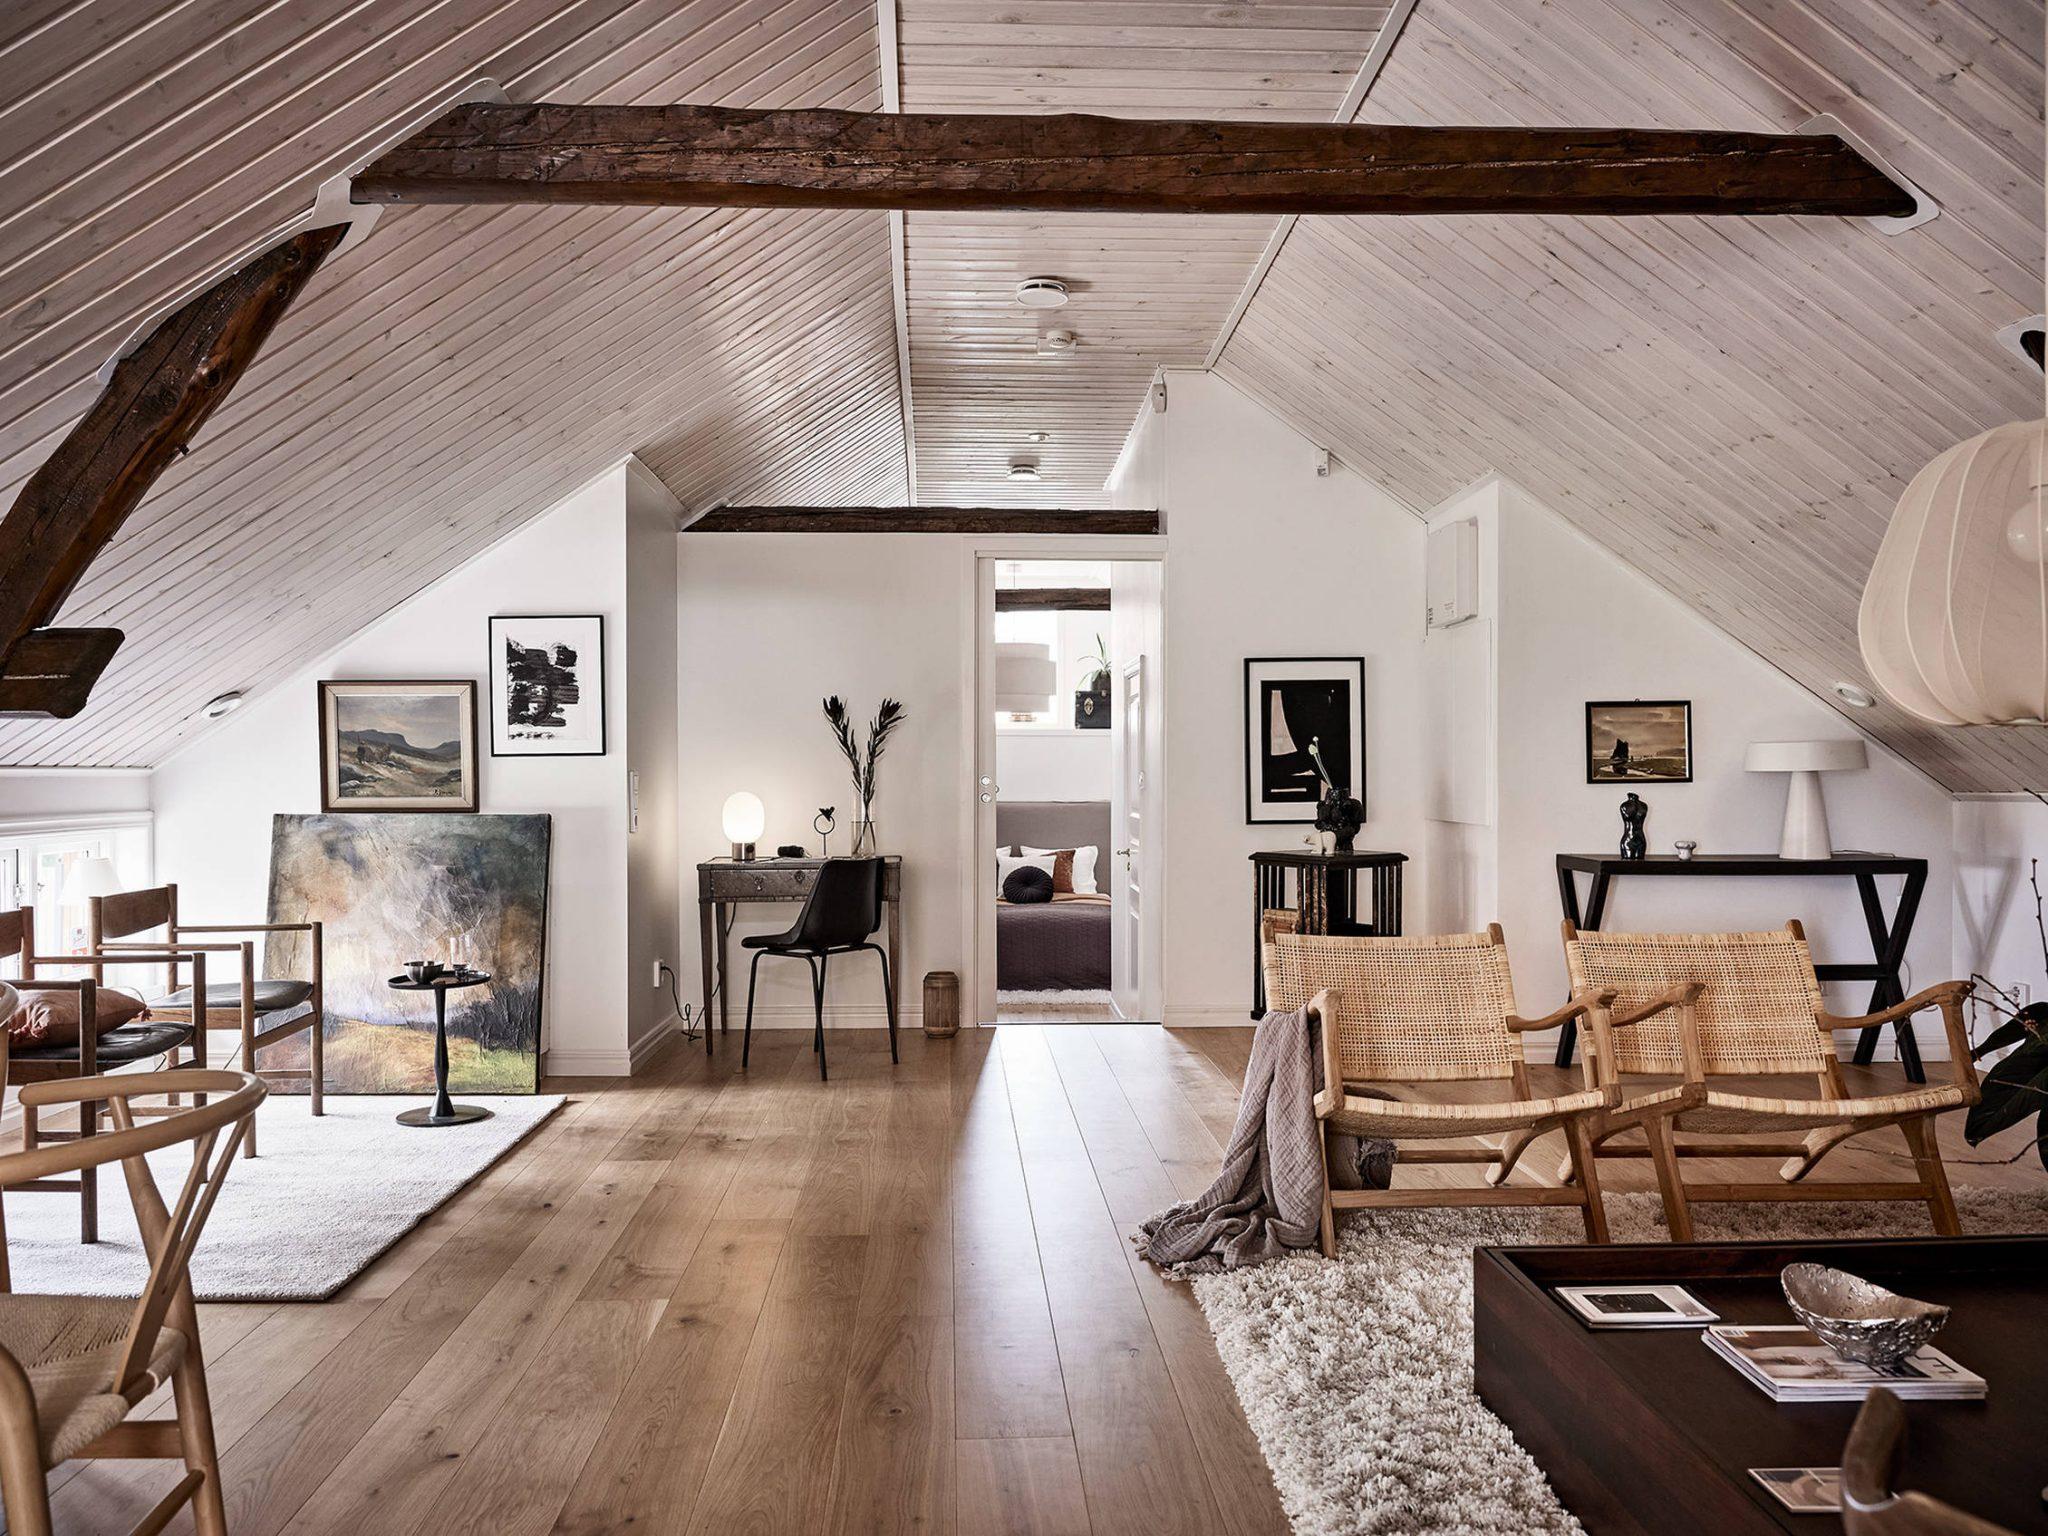 Tavan înclinat și decor rusti scandinav într o casă din Suedia 5